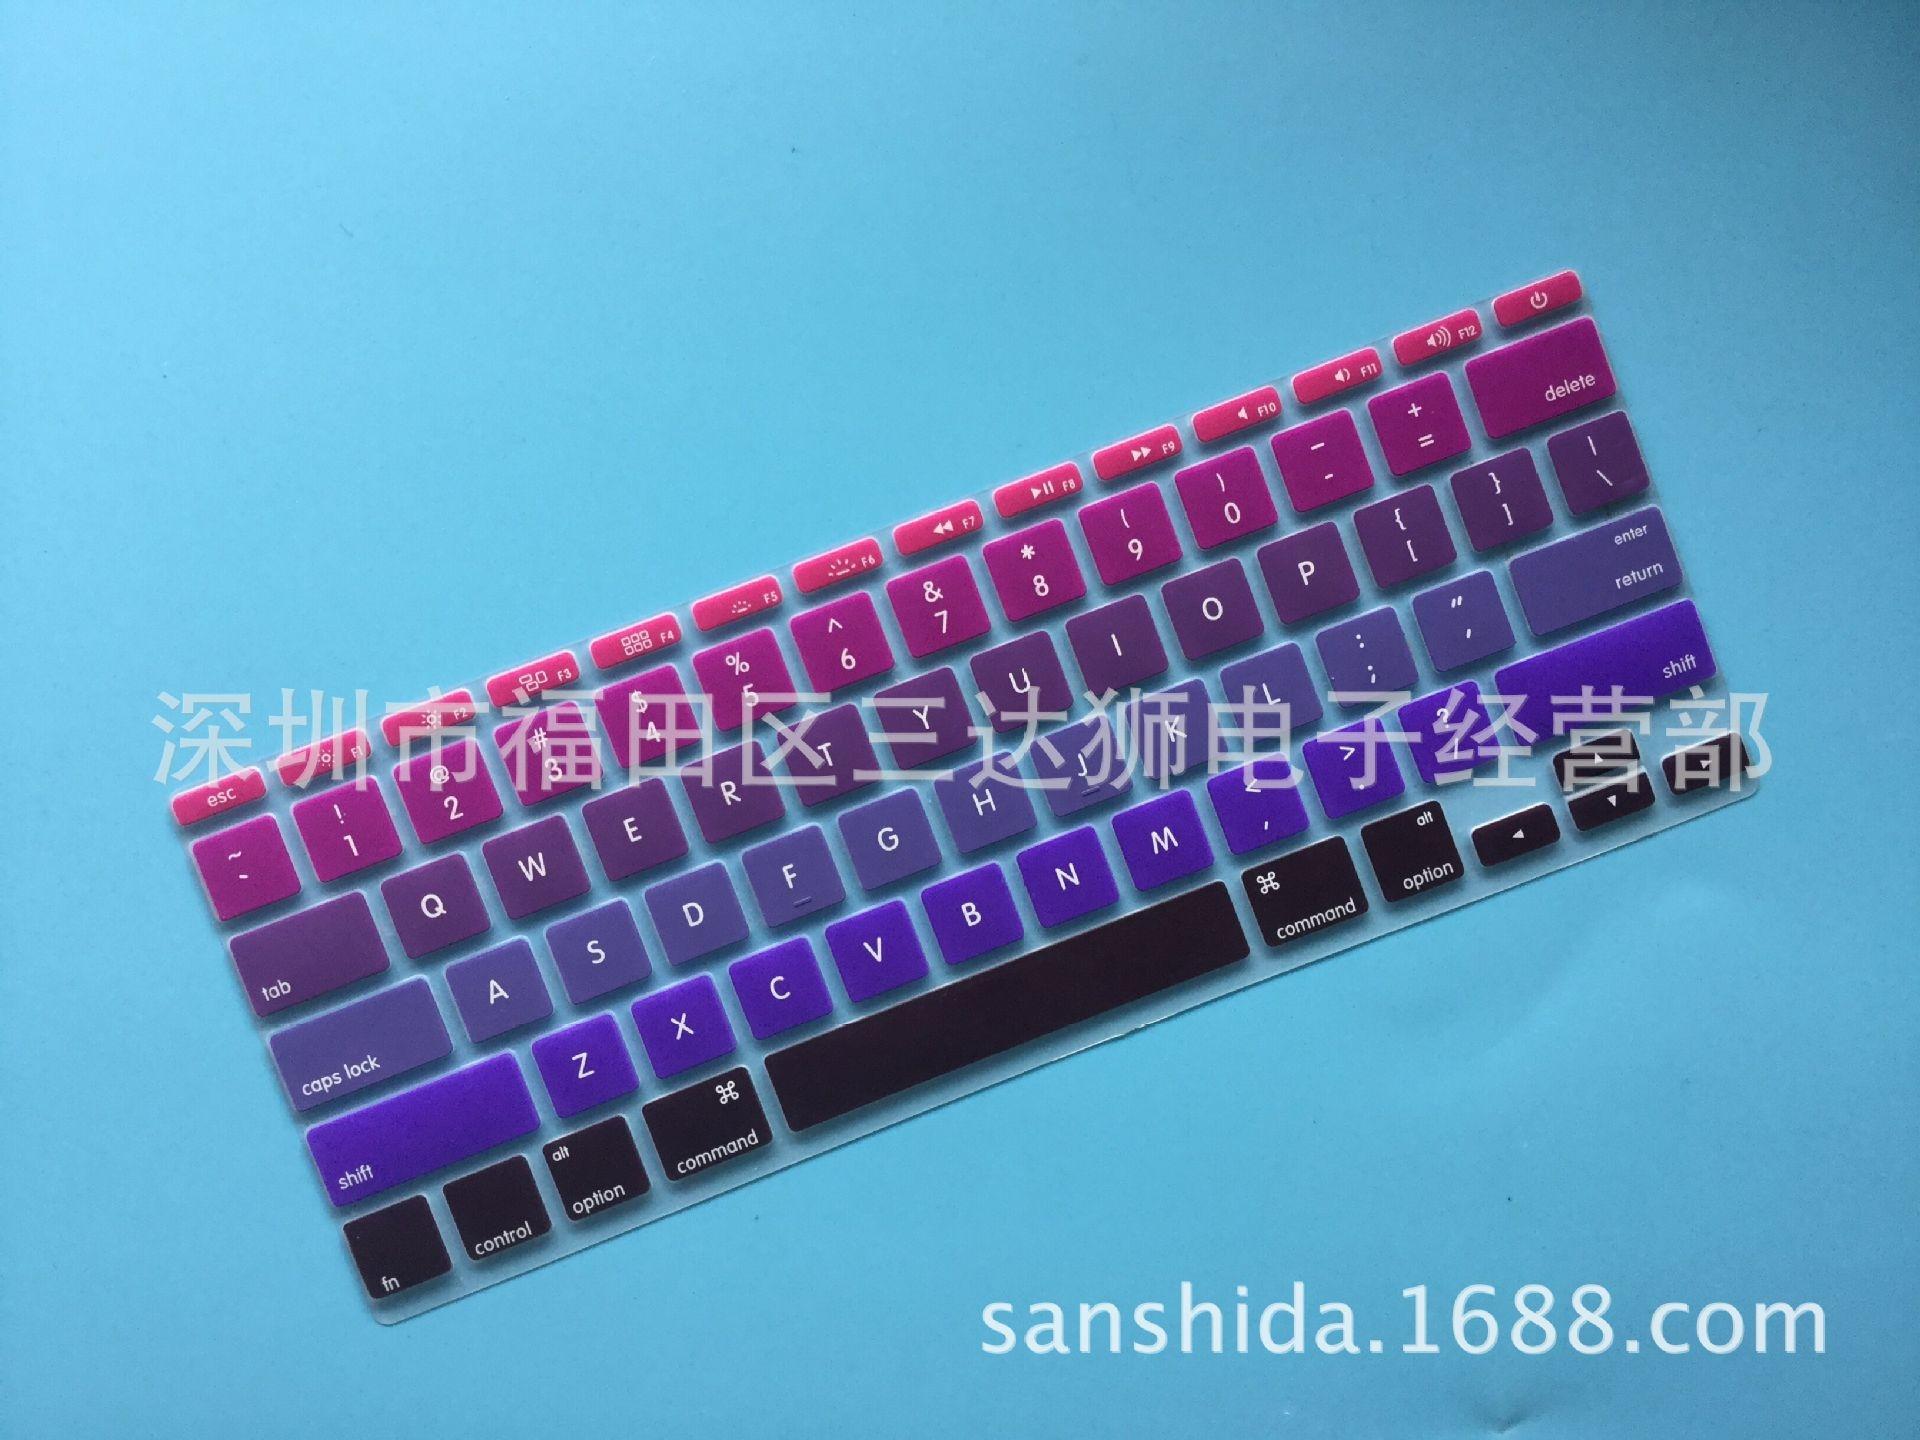 蘋果六鍵盤壁紙